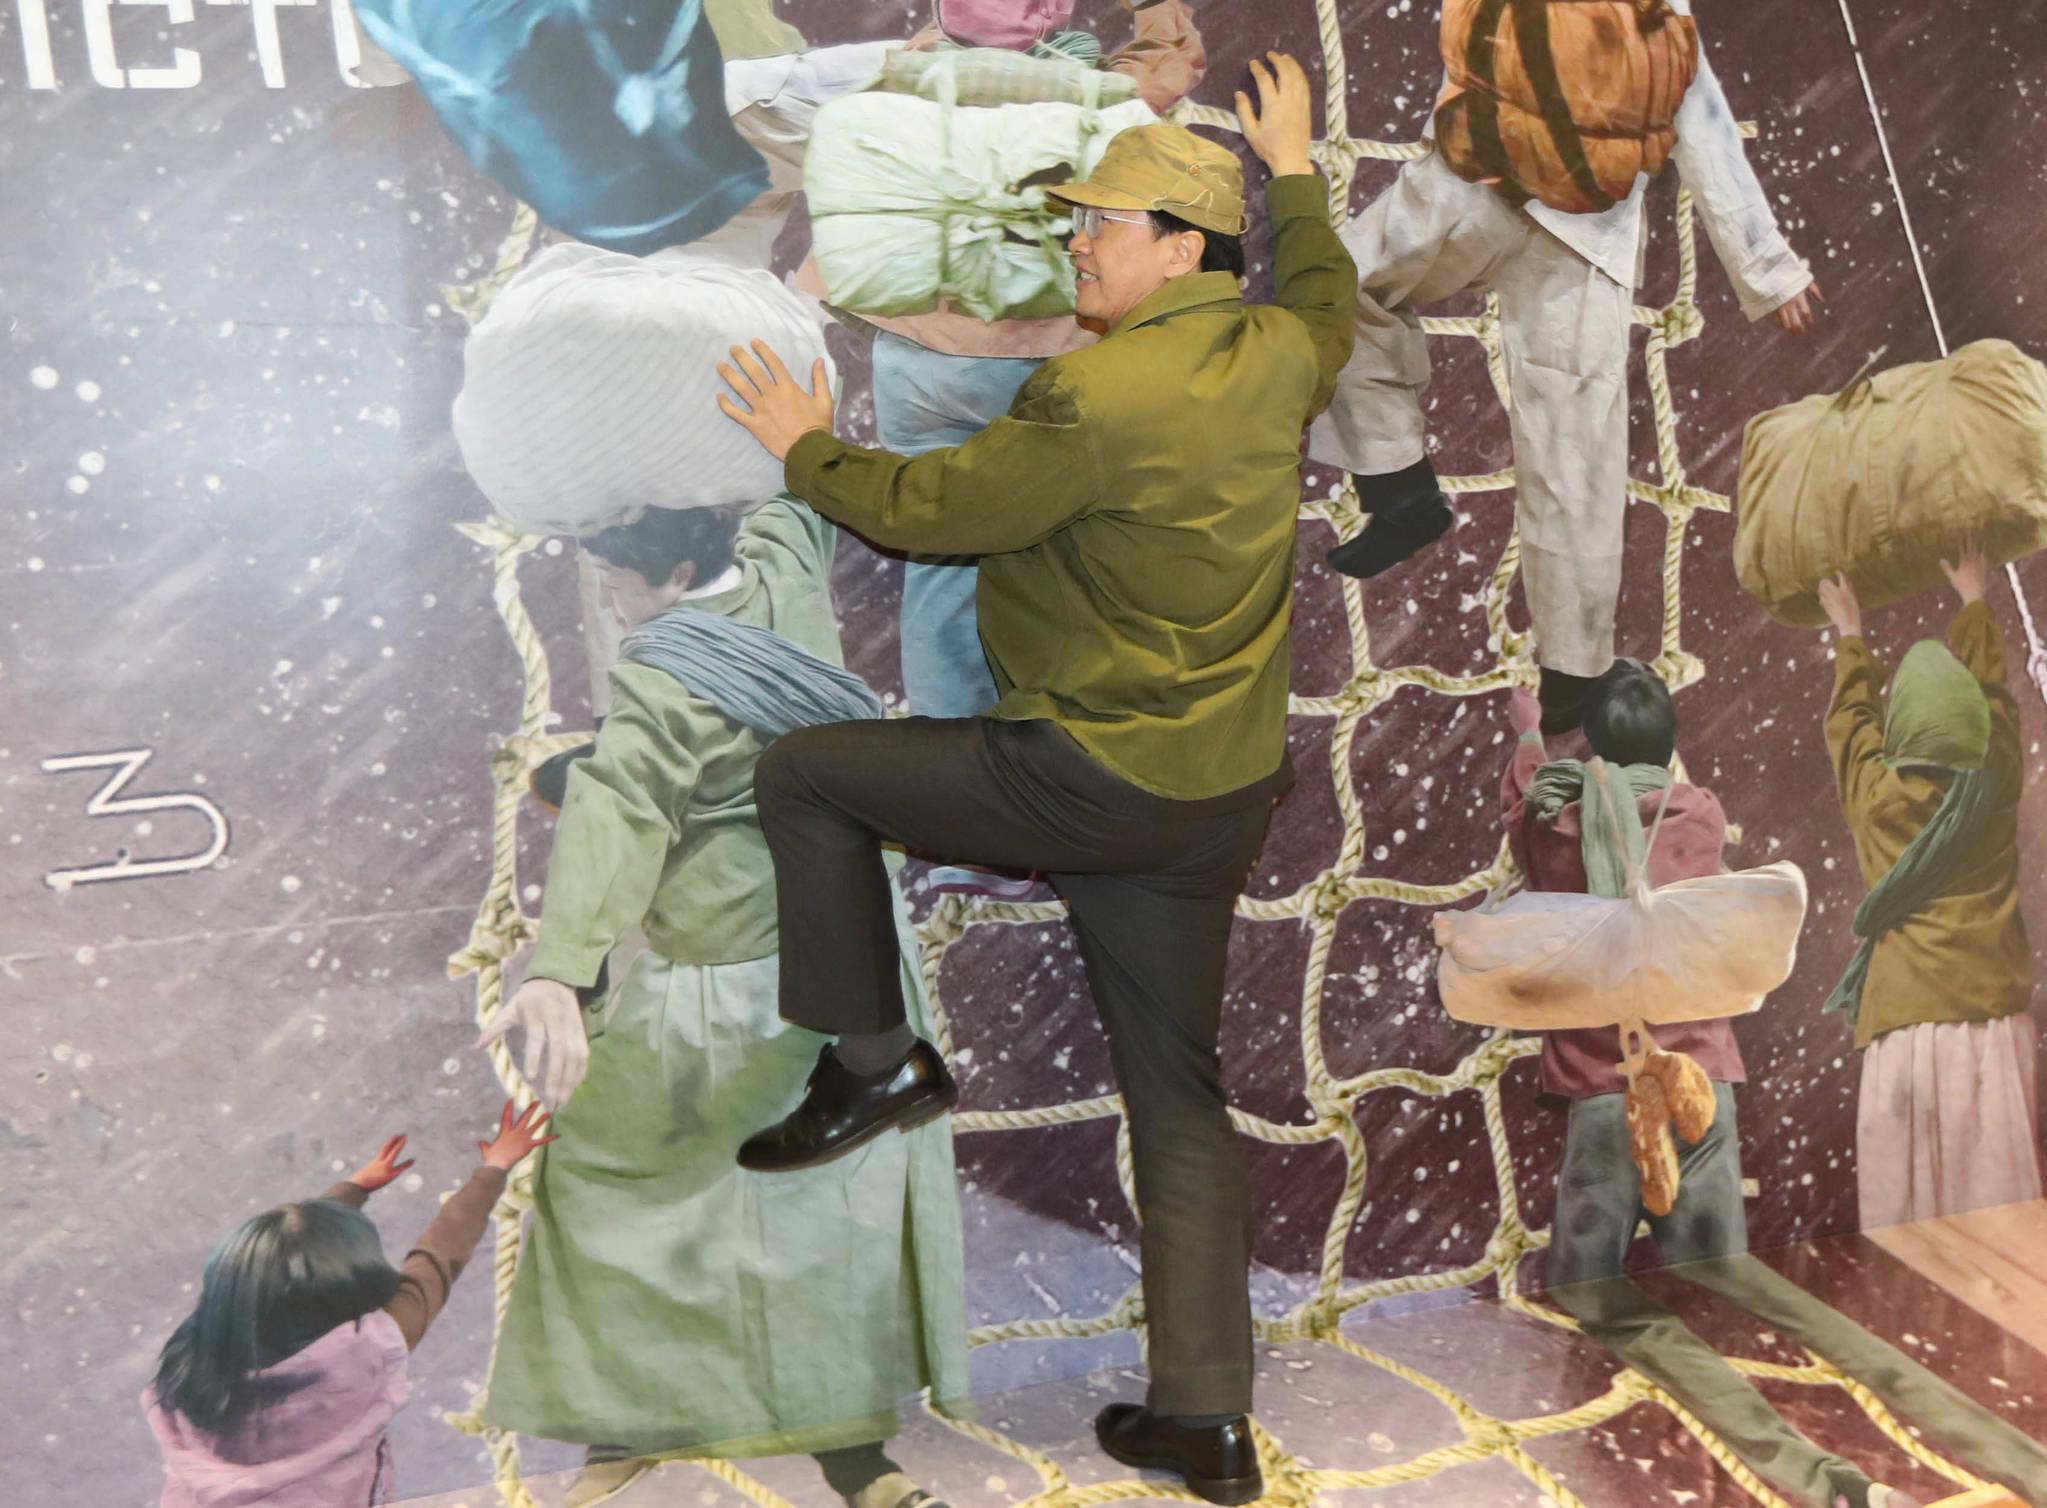 조명균 통일부 장관이 흥남철수 당시 모습을 재현한 그림 앞에서 피난민 복장을 하고 배에 오르는 모습을 보여주고 있다. 신인섭 기자